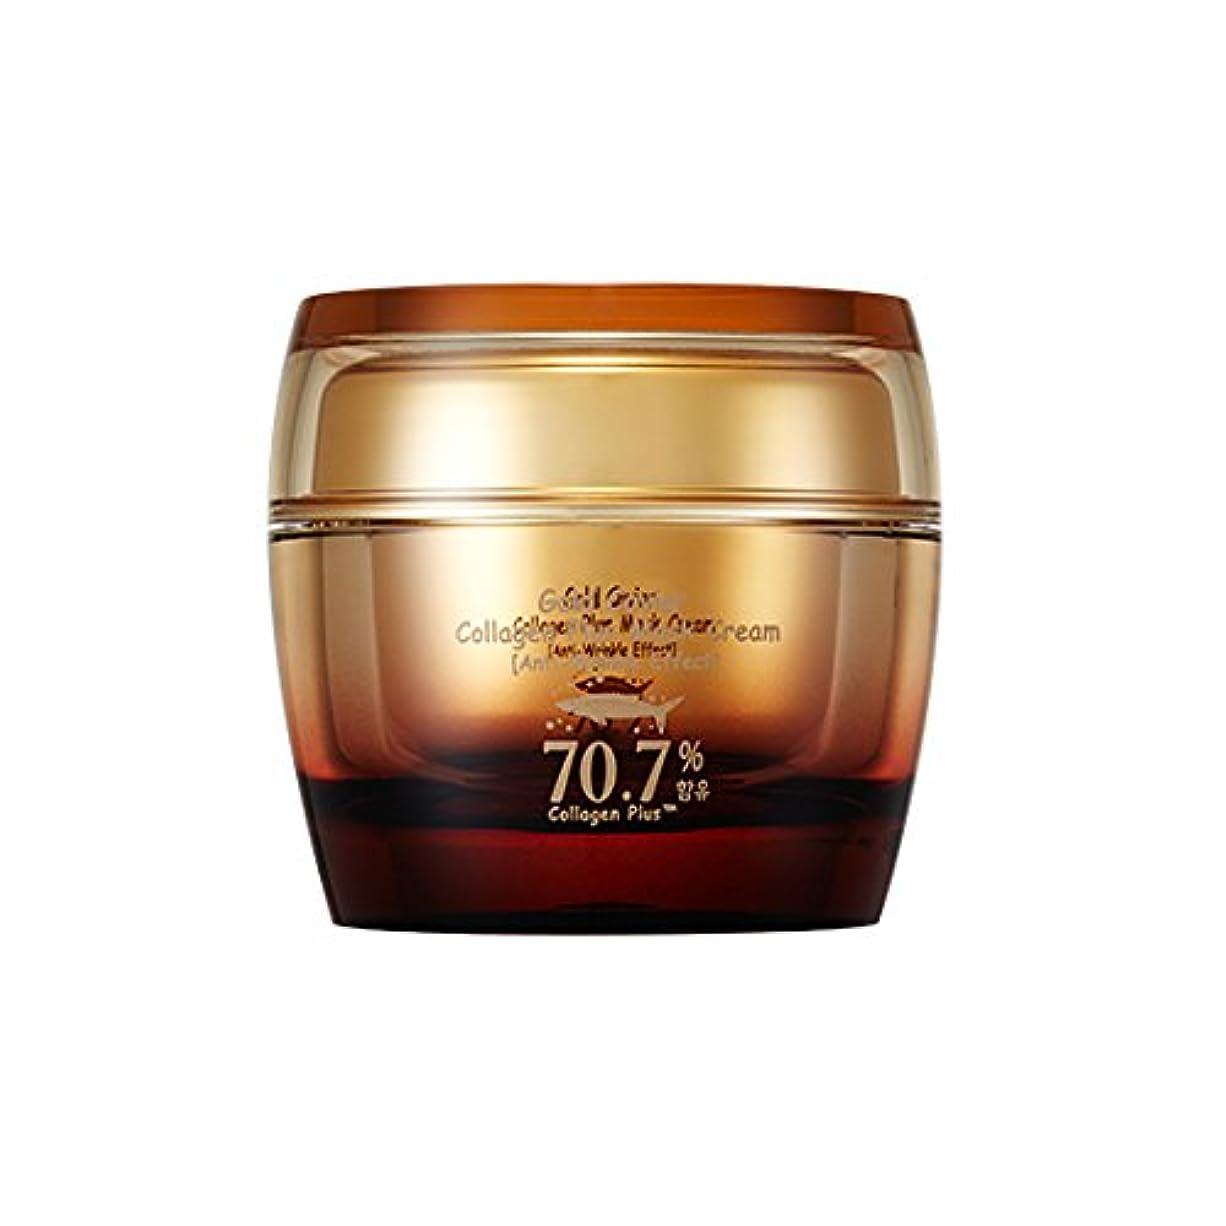 預言者さておき北西Skinfood ゴールドキャビアコラーゲンプラスクリーム(しわ防止効果) / Gold Caviar Collagen Plus Cream (Anti-Wrinkle Effect) 50g [並行輸入品]